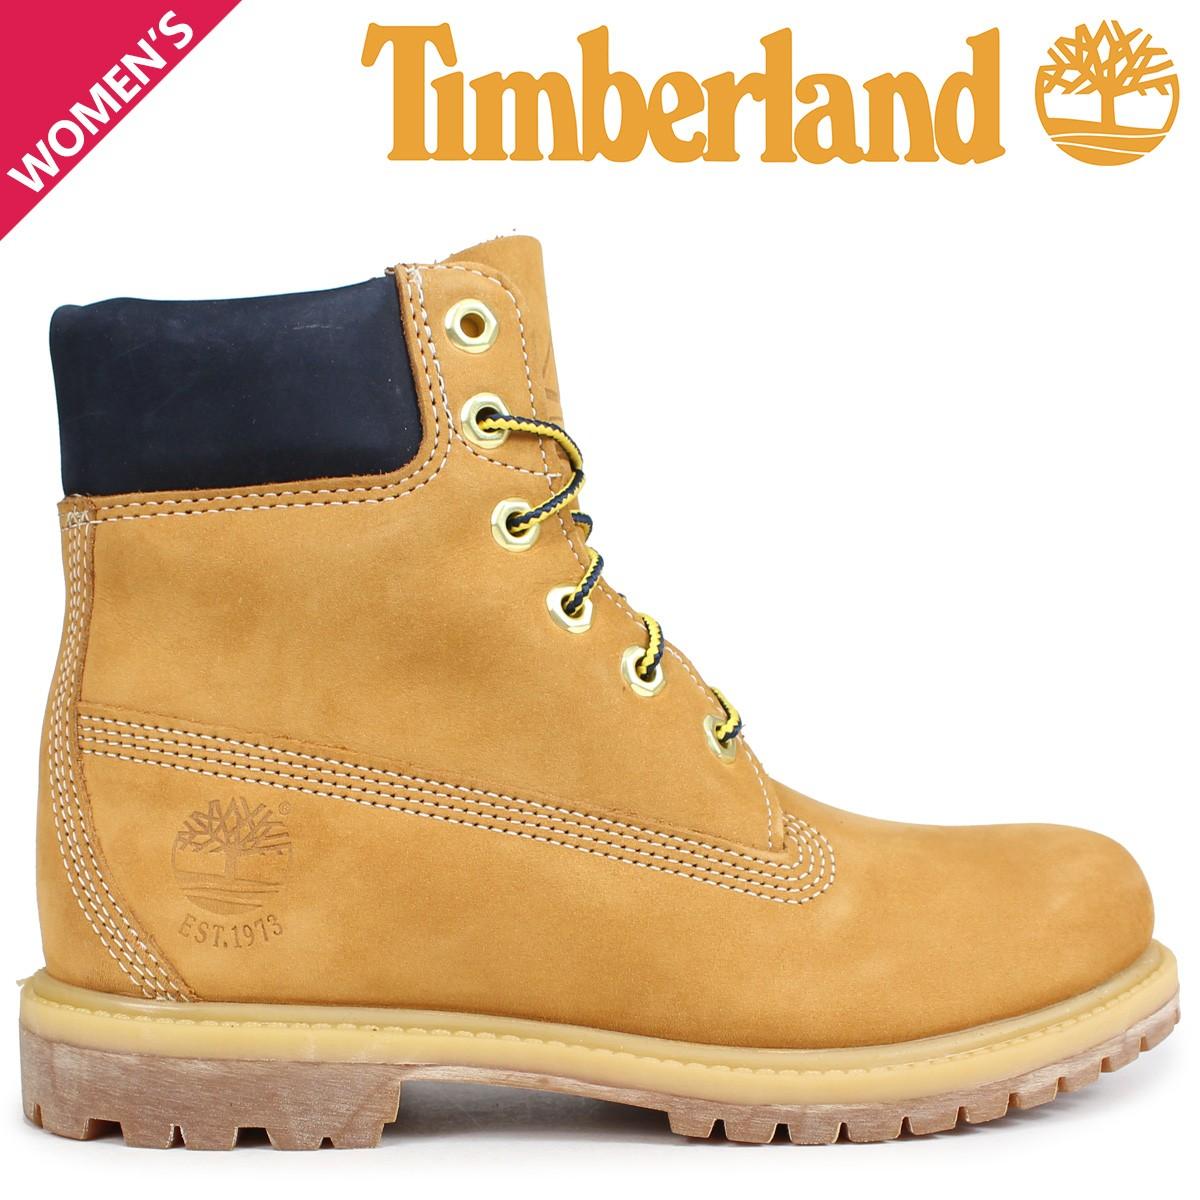 Timberland ブーツ レディース 6インチ ティンバーランド 6-INCH PREMIUM BOOTS A1SI1 Wワイズ ウィート [9/5 新入荷]